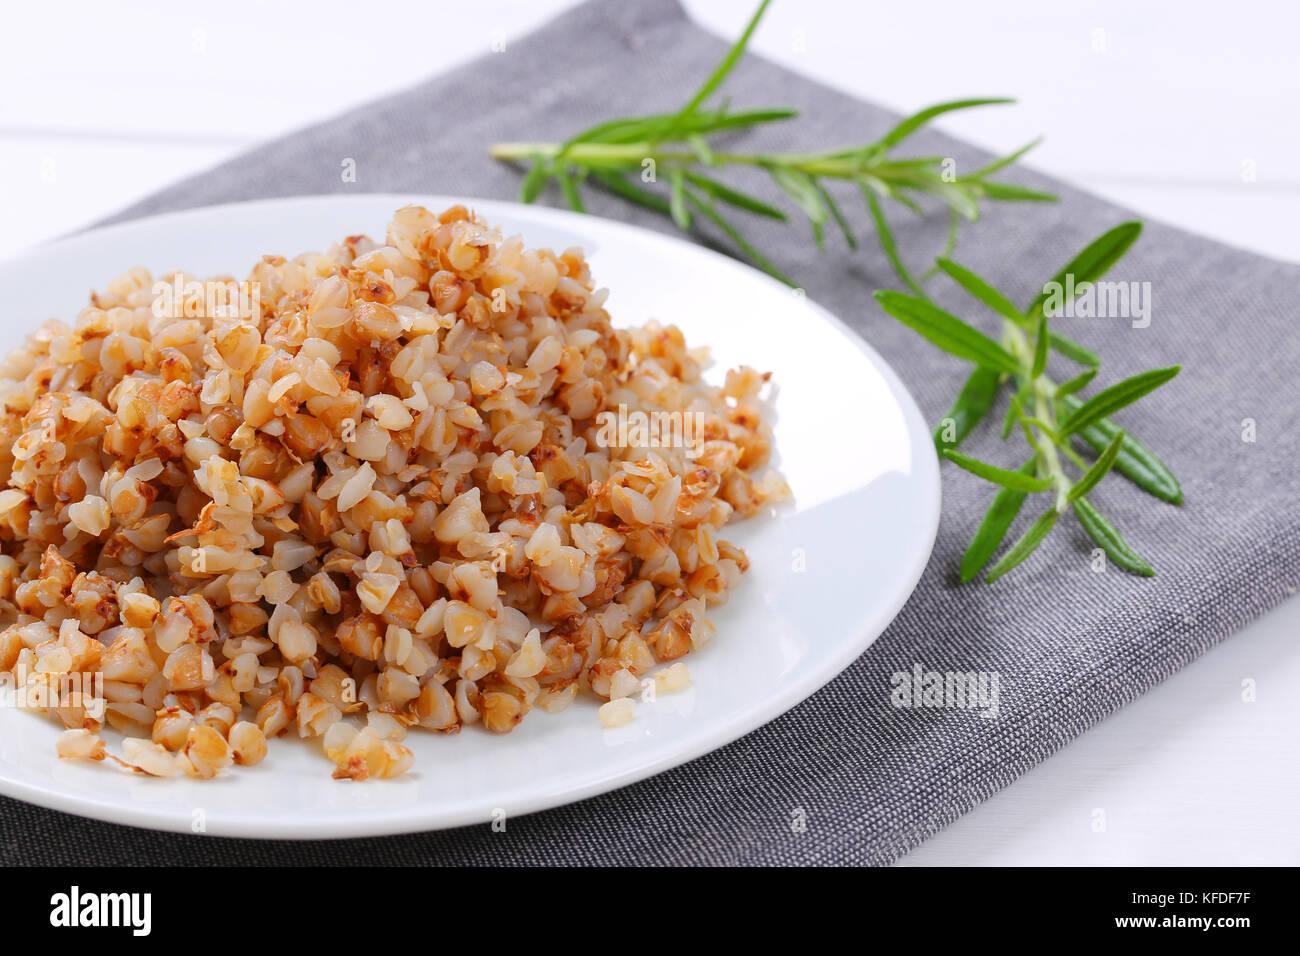 Assiette de sarrasin cuits sur place gris mat - close up Photo Stock